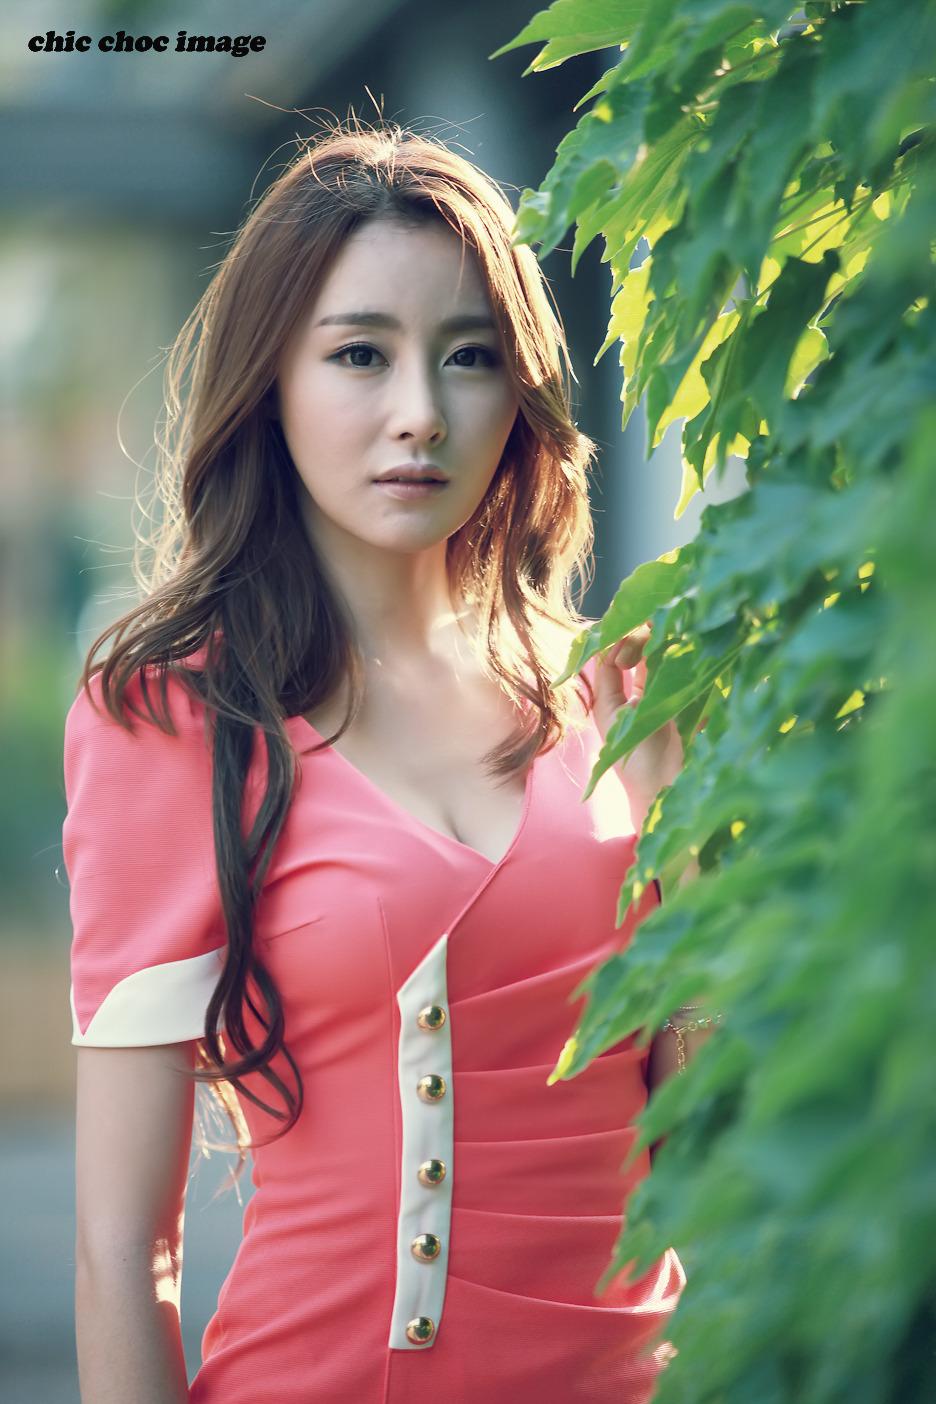 Kang eun hye - 5 3